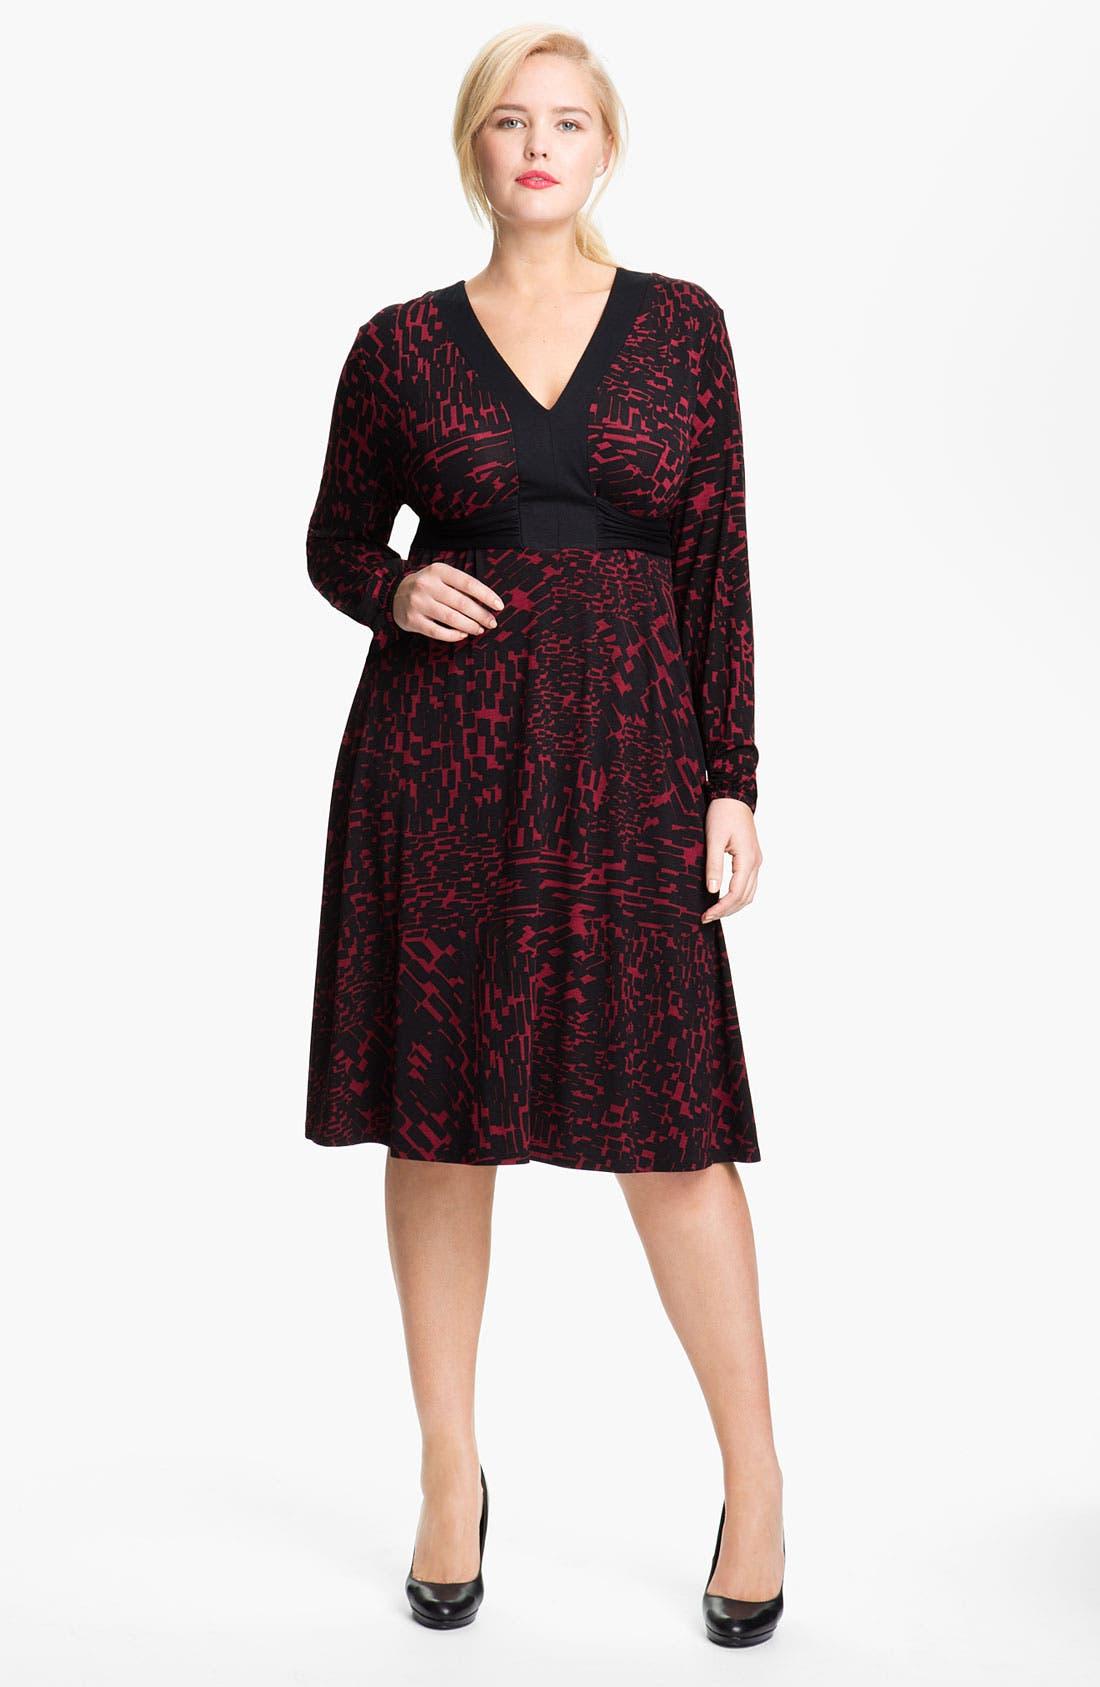 Alternate Image 1 Selected - Three Dots 'Boheme' V Neck Knit Dress (Plus)